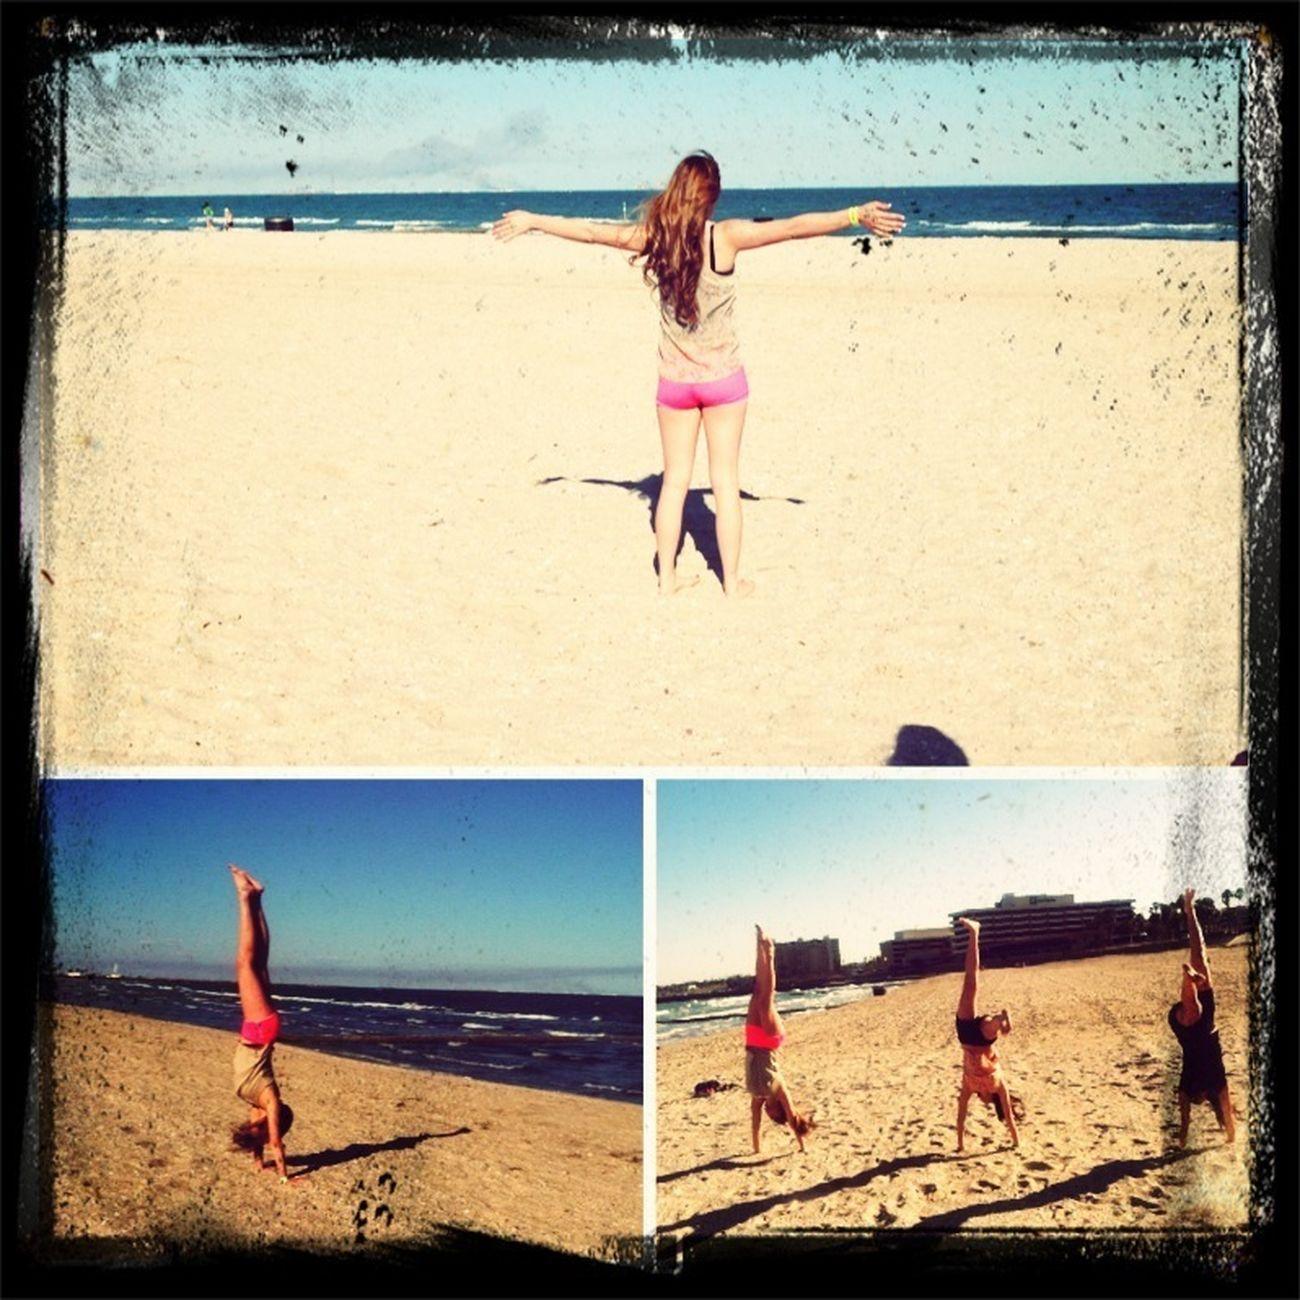 Ah The Beach